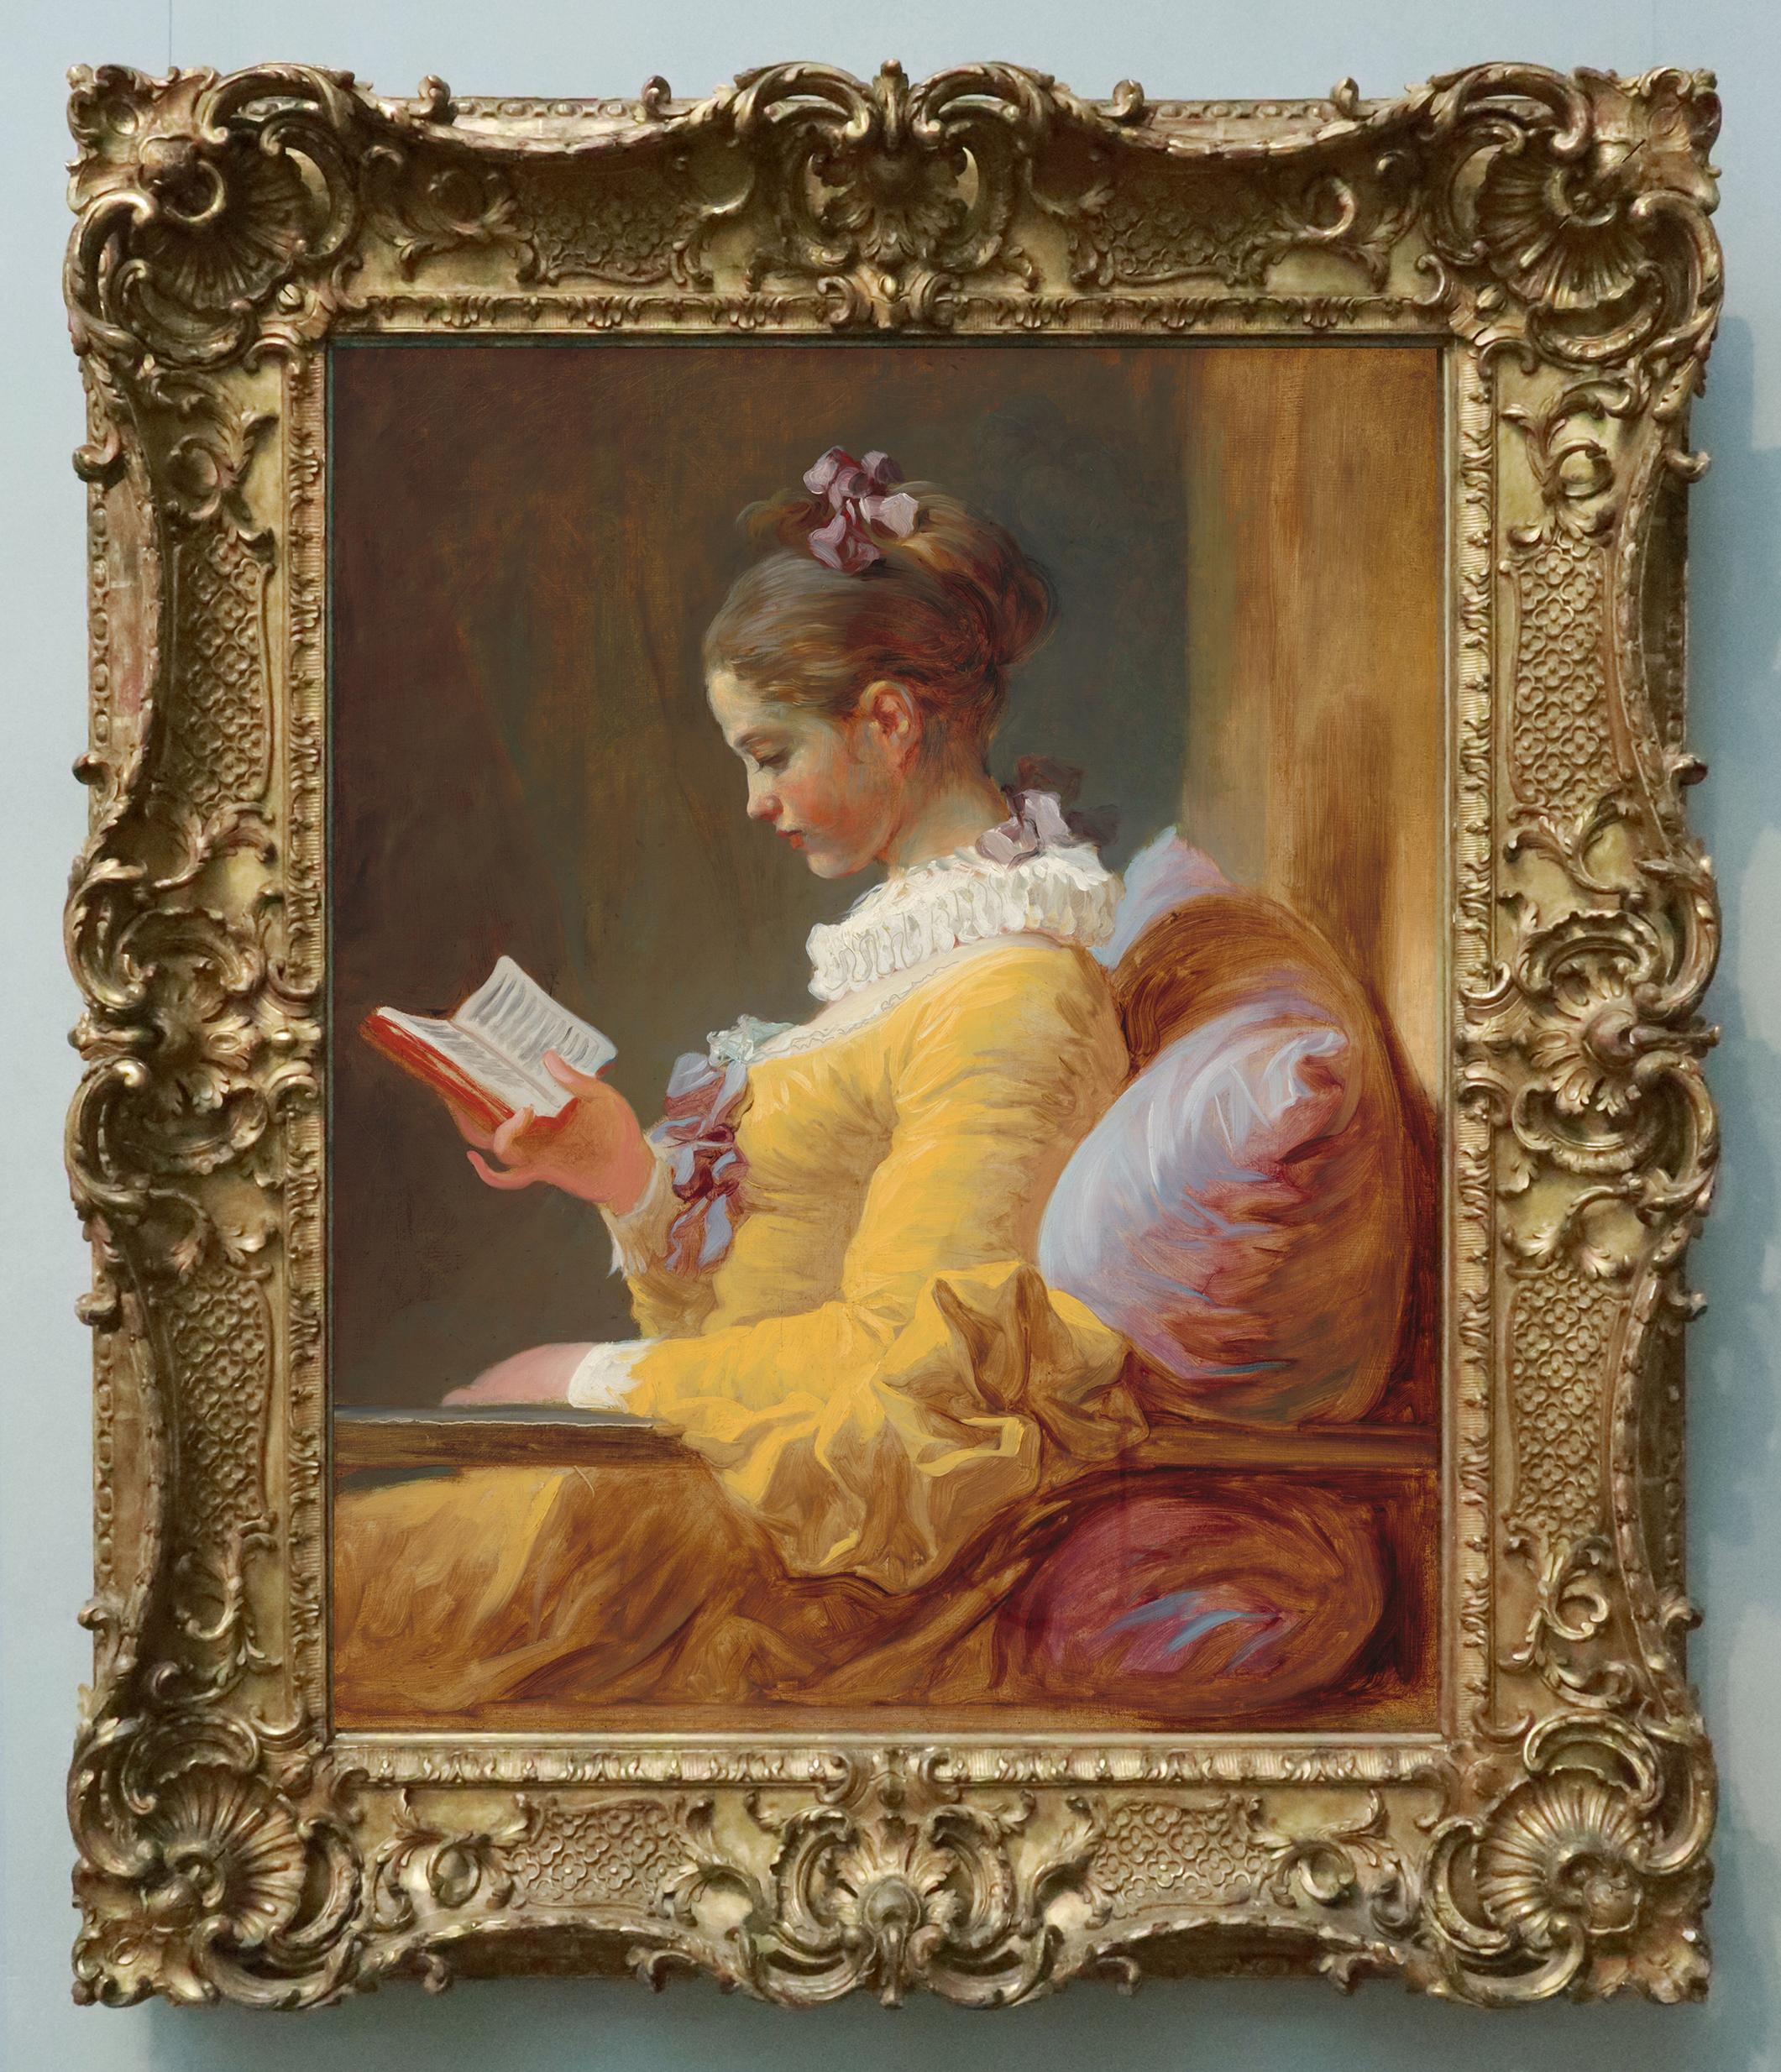 17D Fragonard Young girl reading c1769 o c 81.1x64.8cm NGA Washington